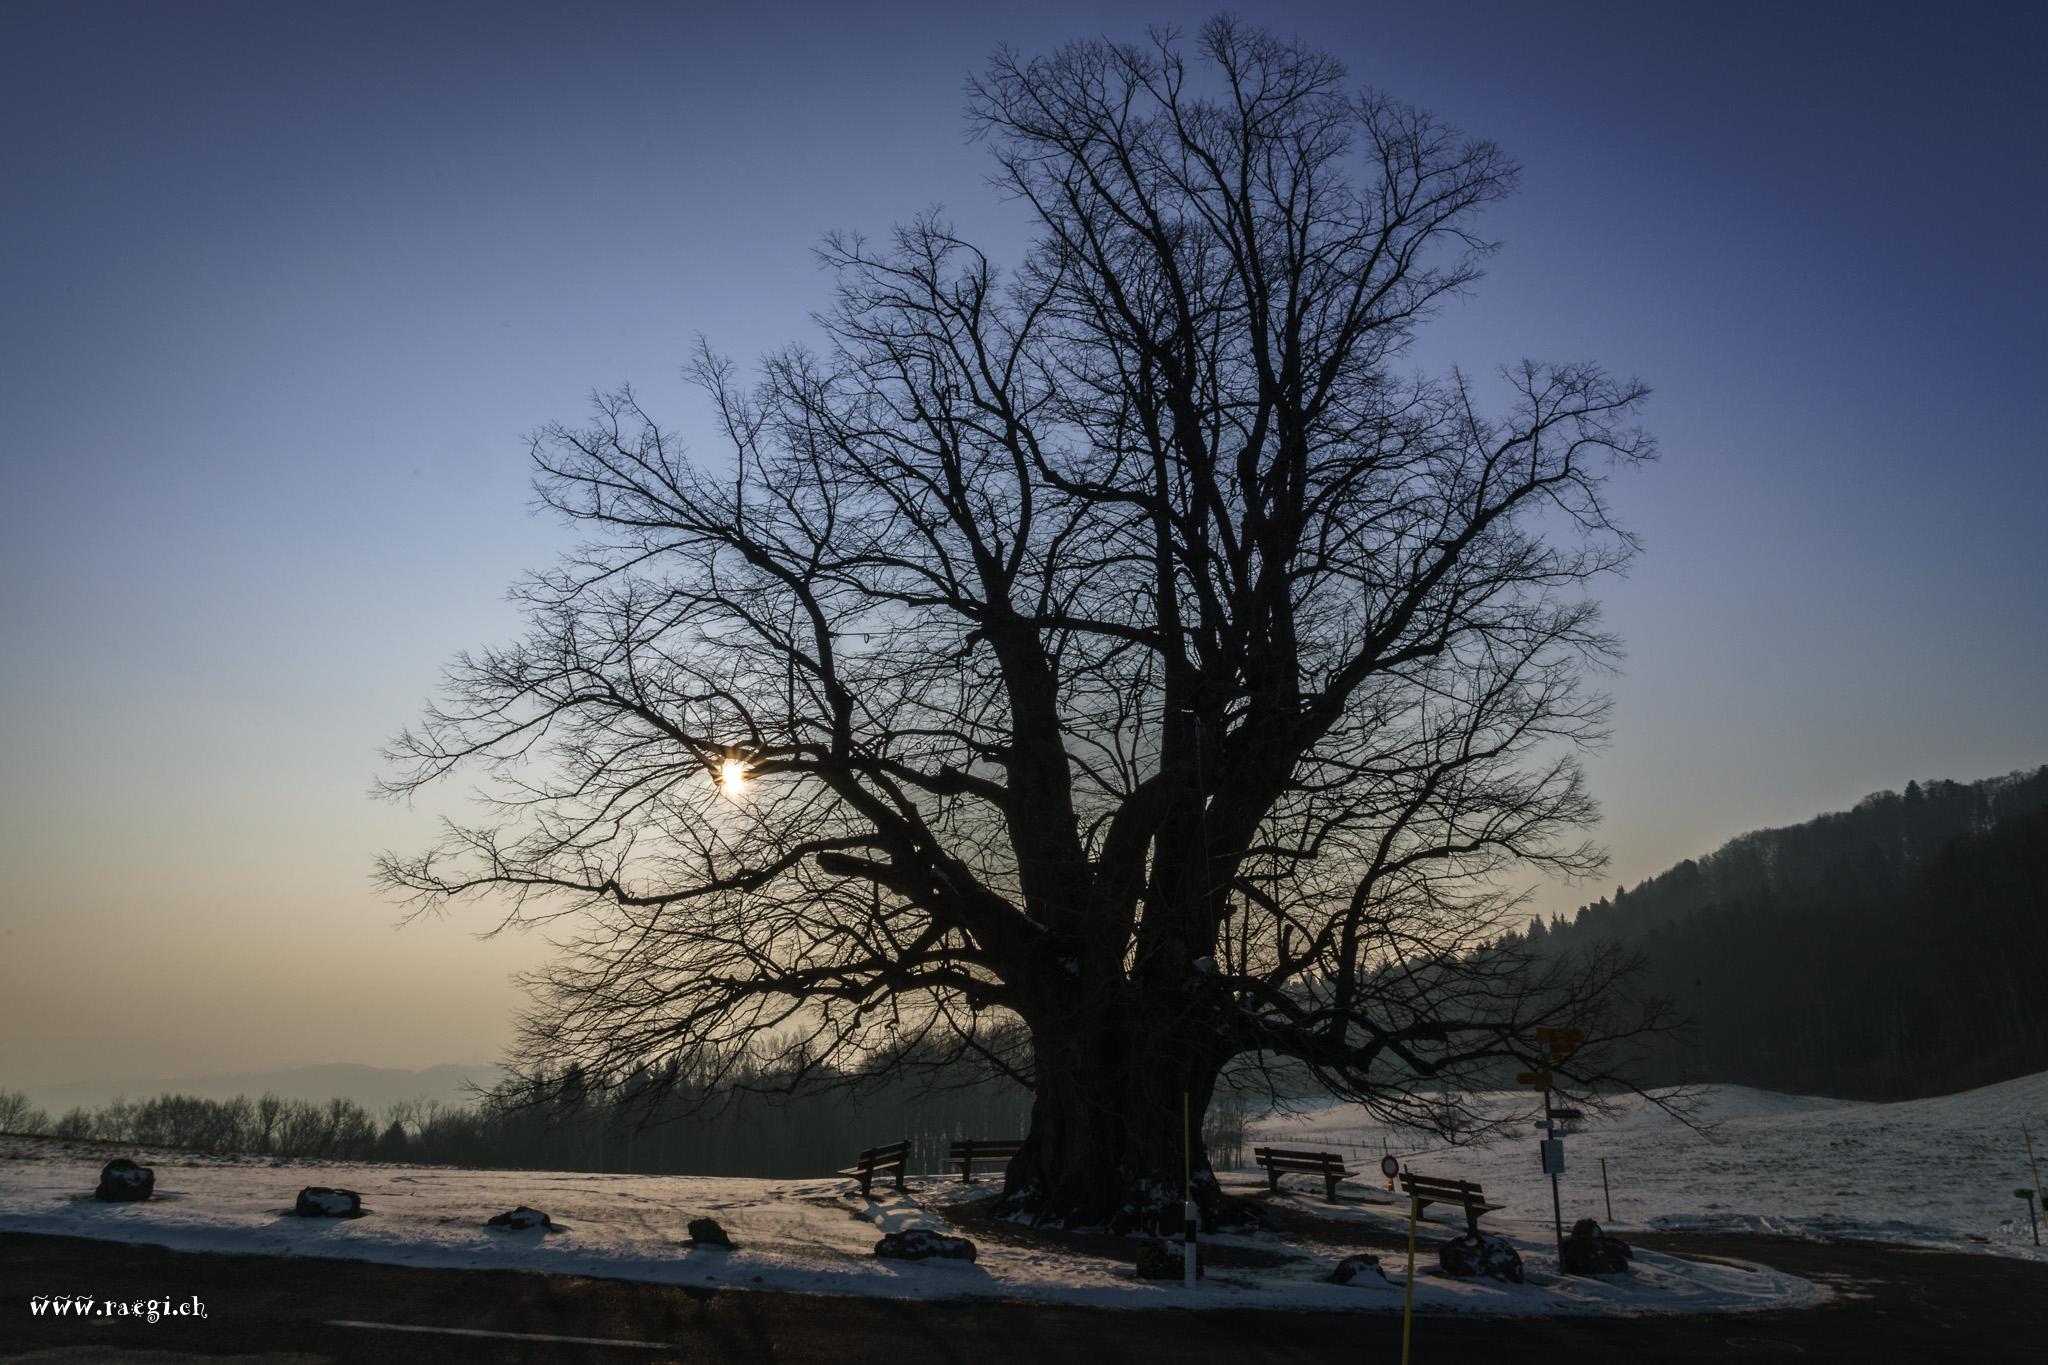 Die Linde von Linn, Switzerland